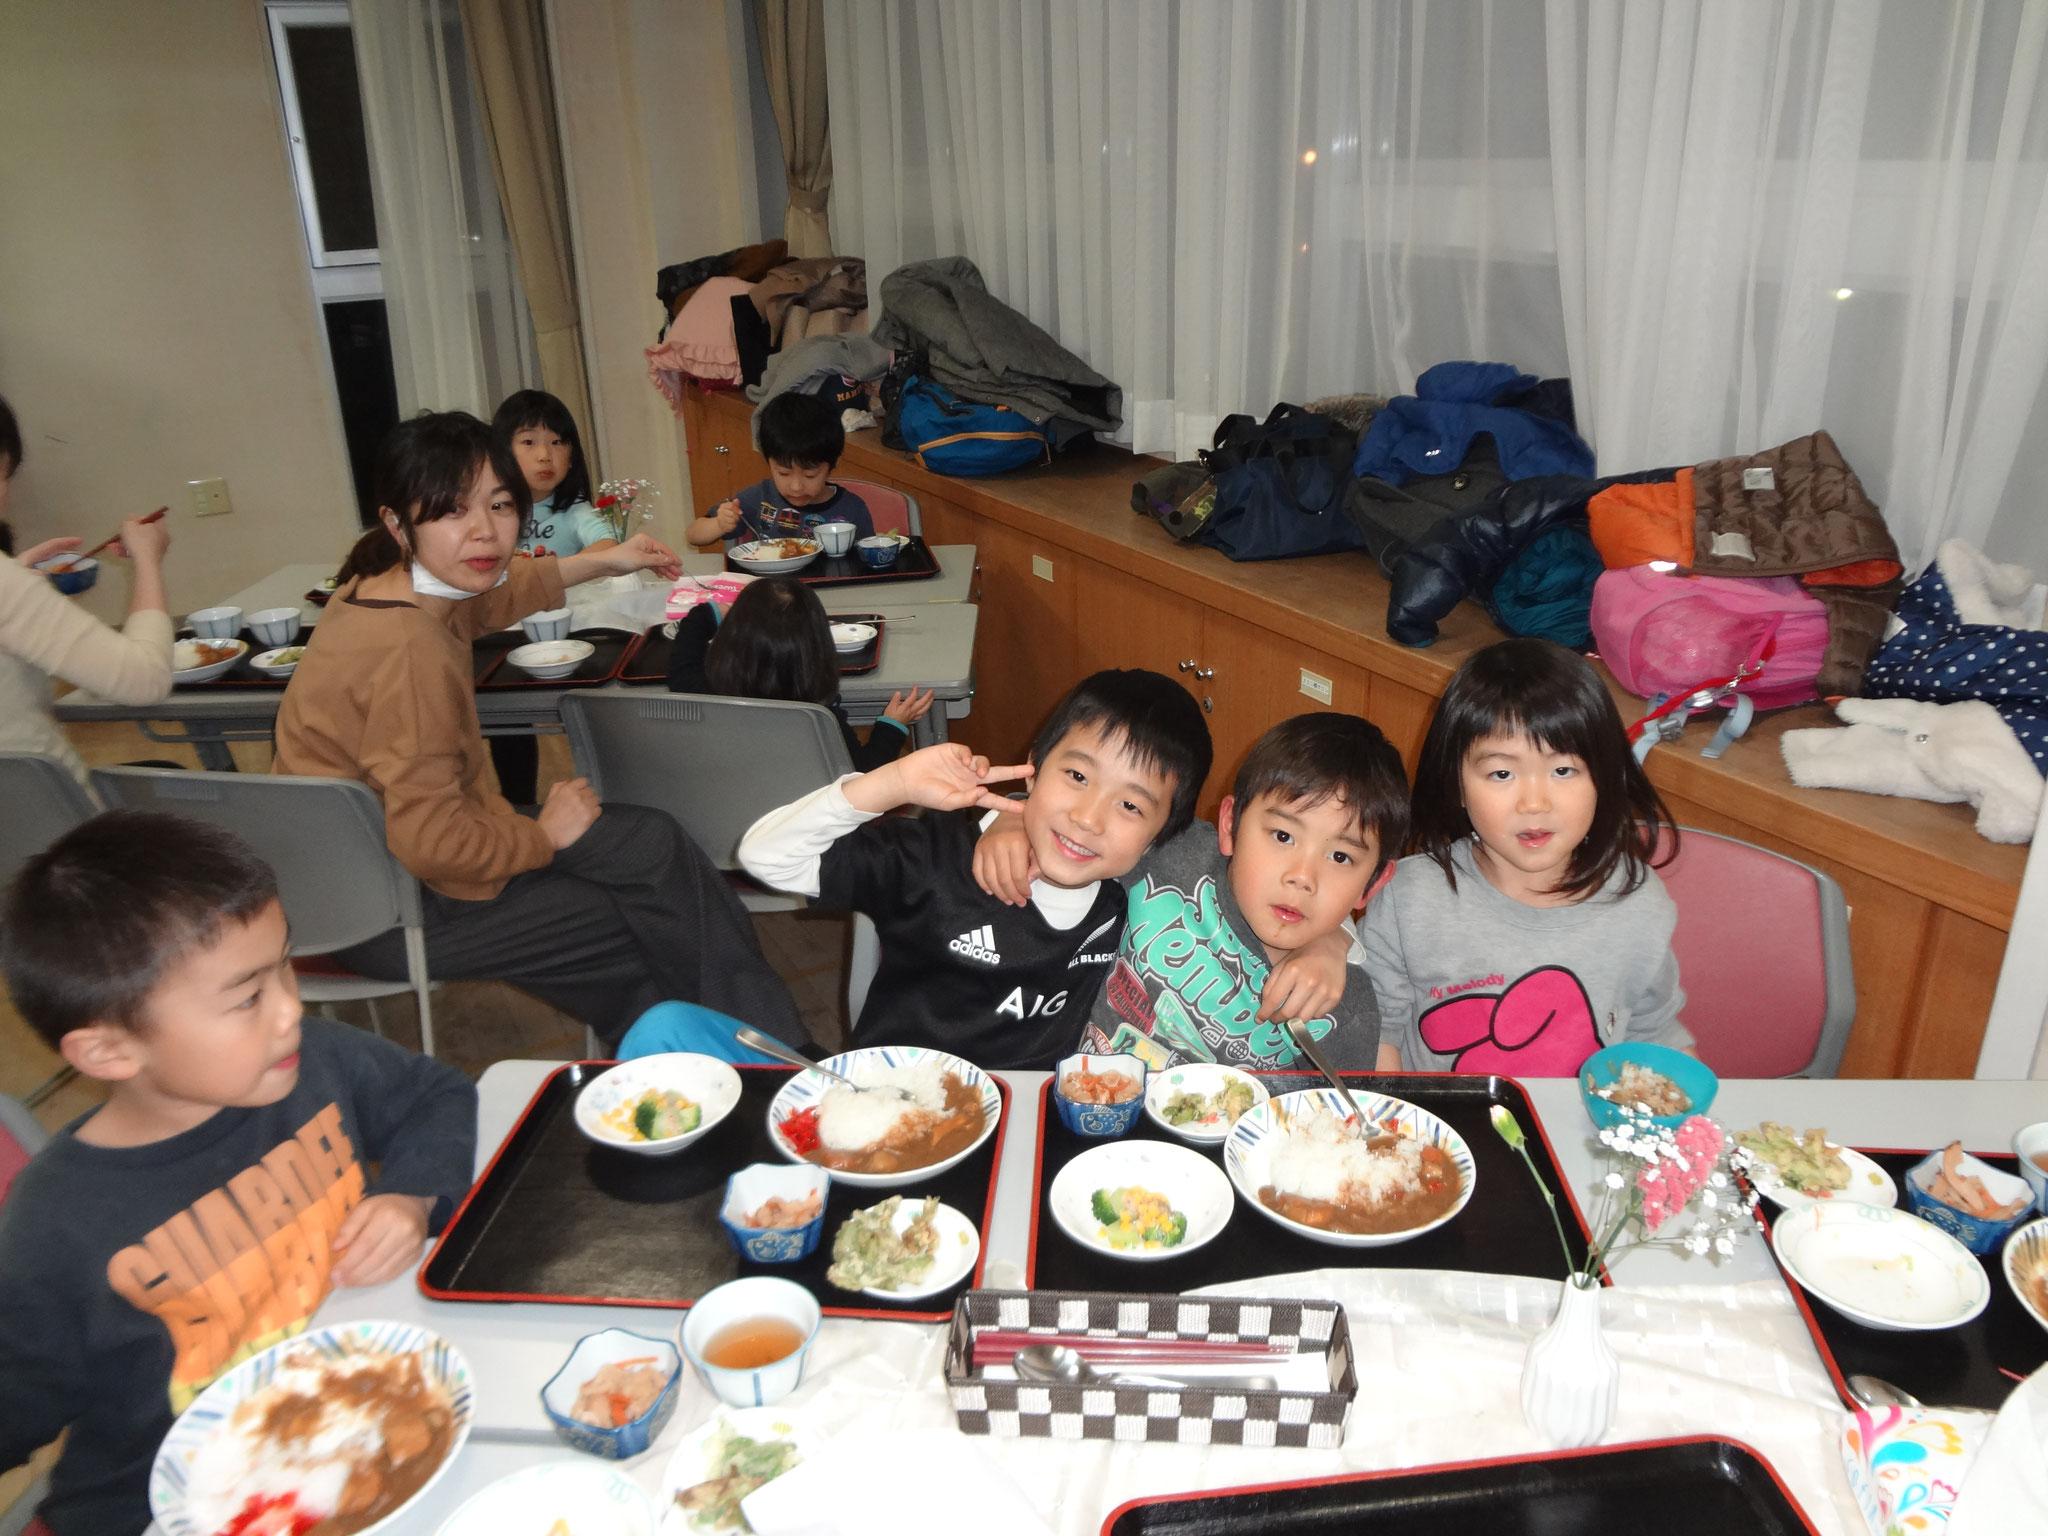 食事中ですがカメラを向けると、「ハイポーズ!」